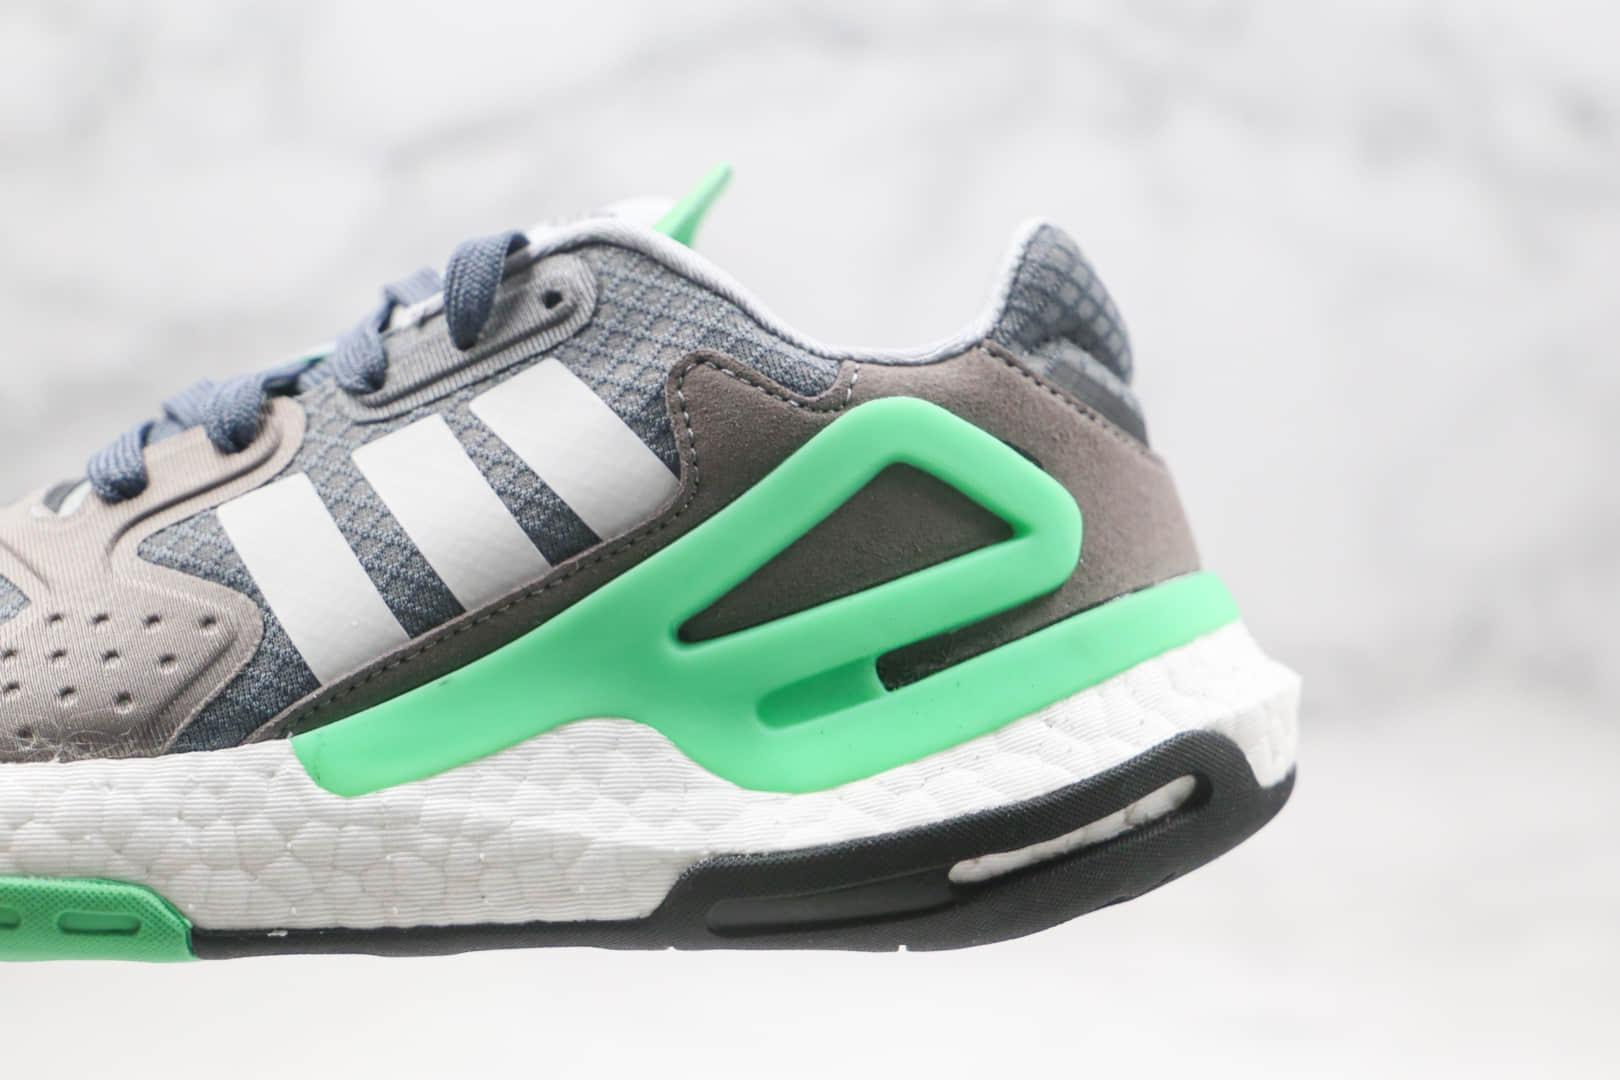 阿迪达斯Adidas Originals 2020 Day Jogger Boost纯原版本夜行者二代灰绿色爆米花跑鞋原档案数据开发 货号:FW4868